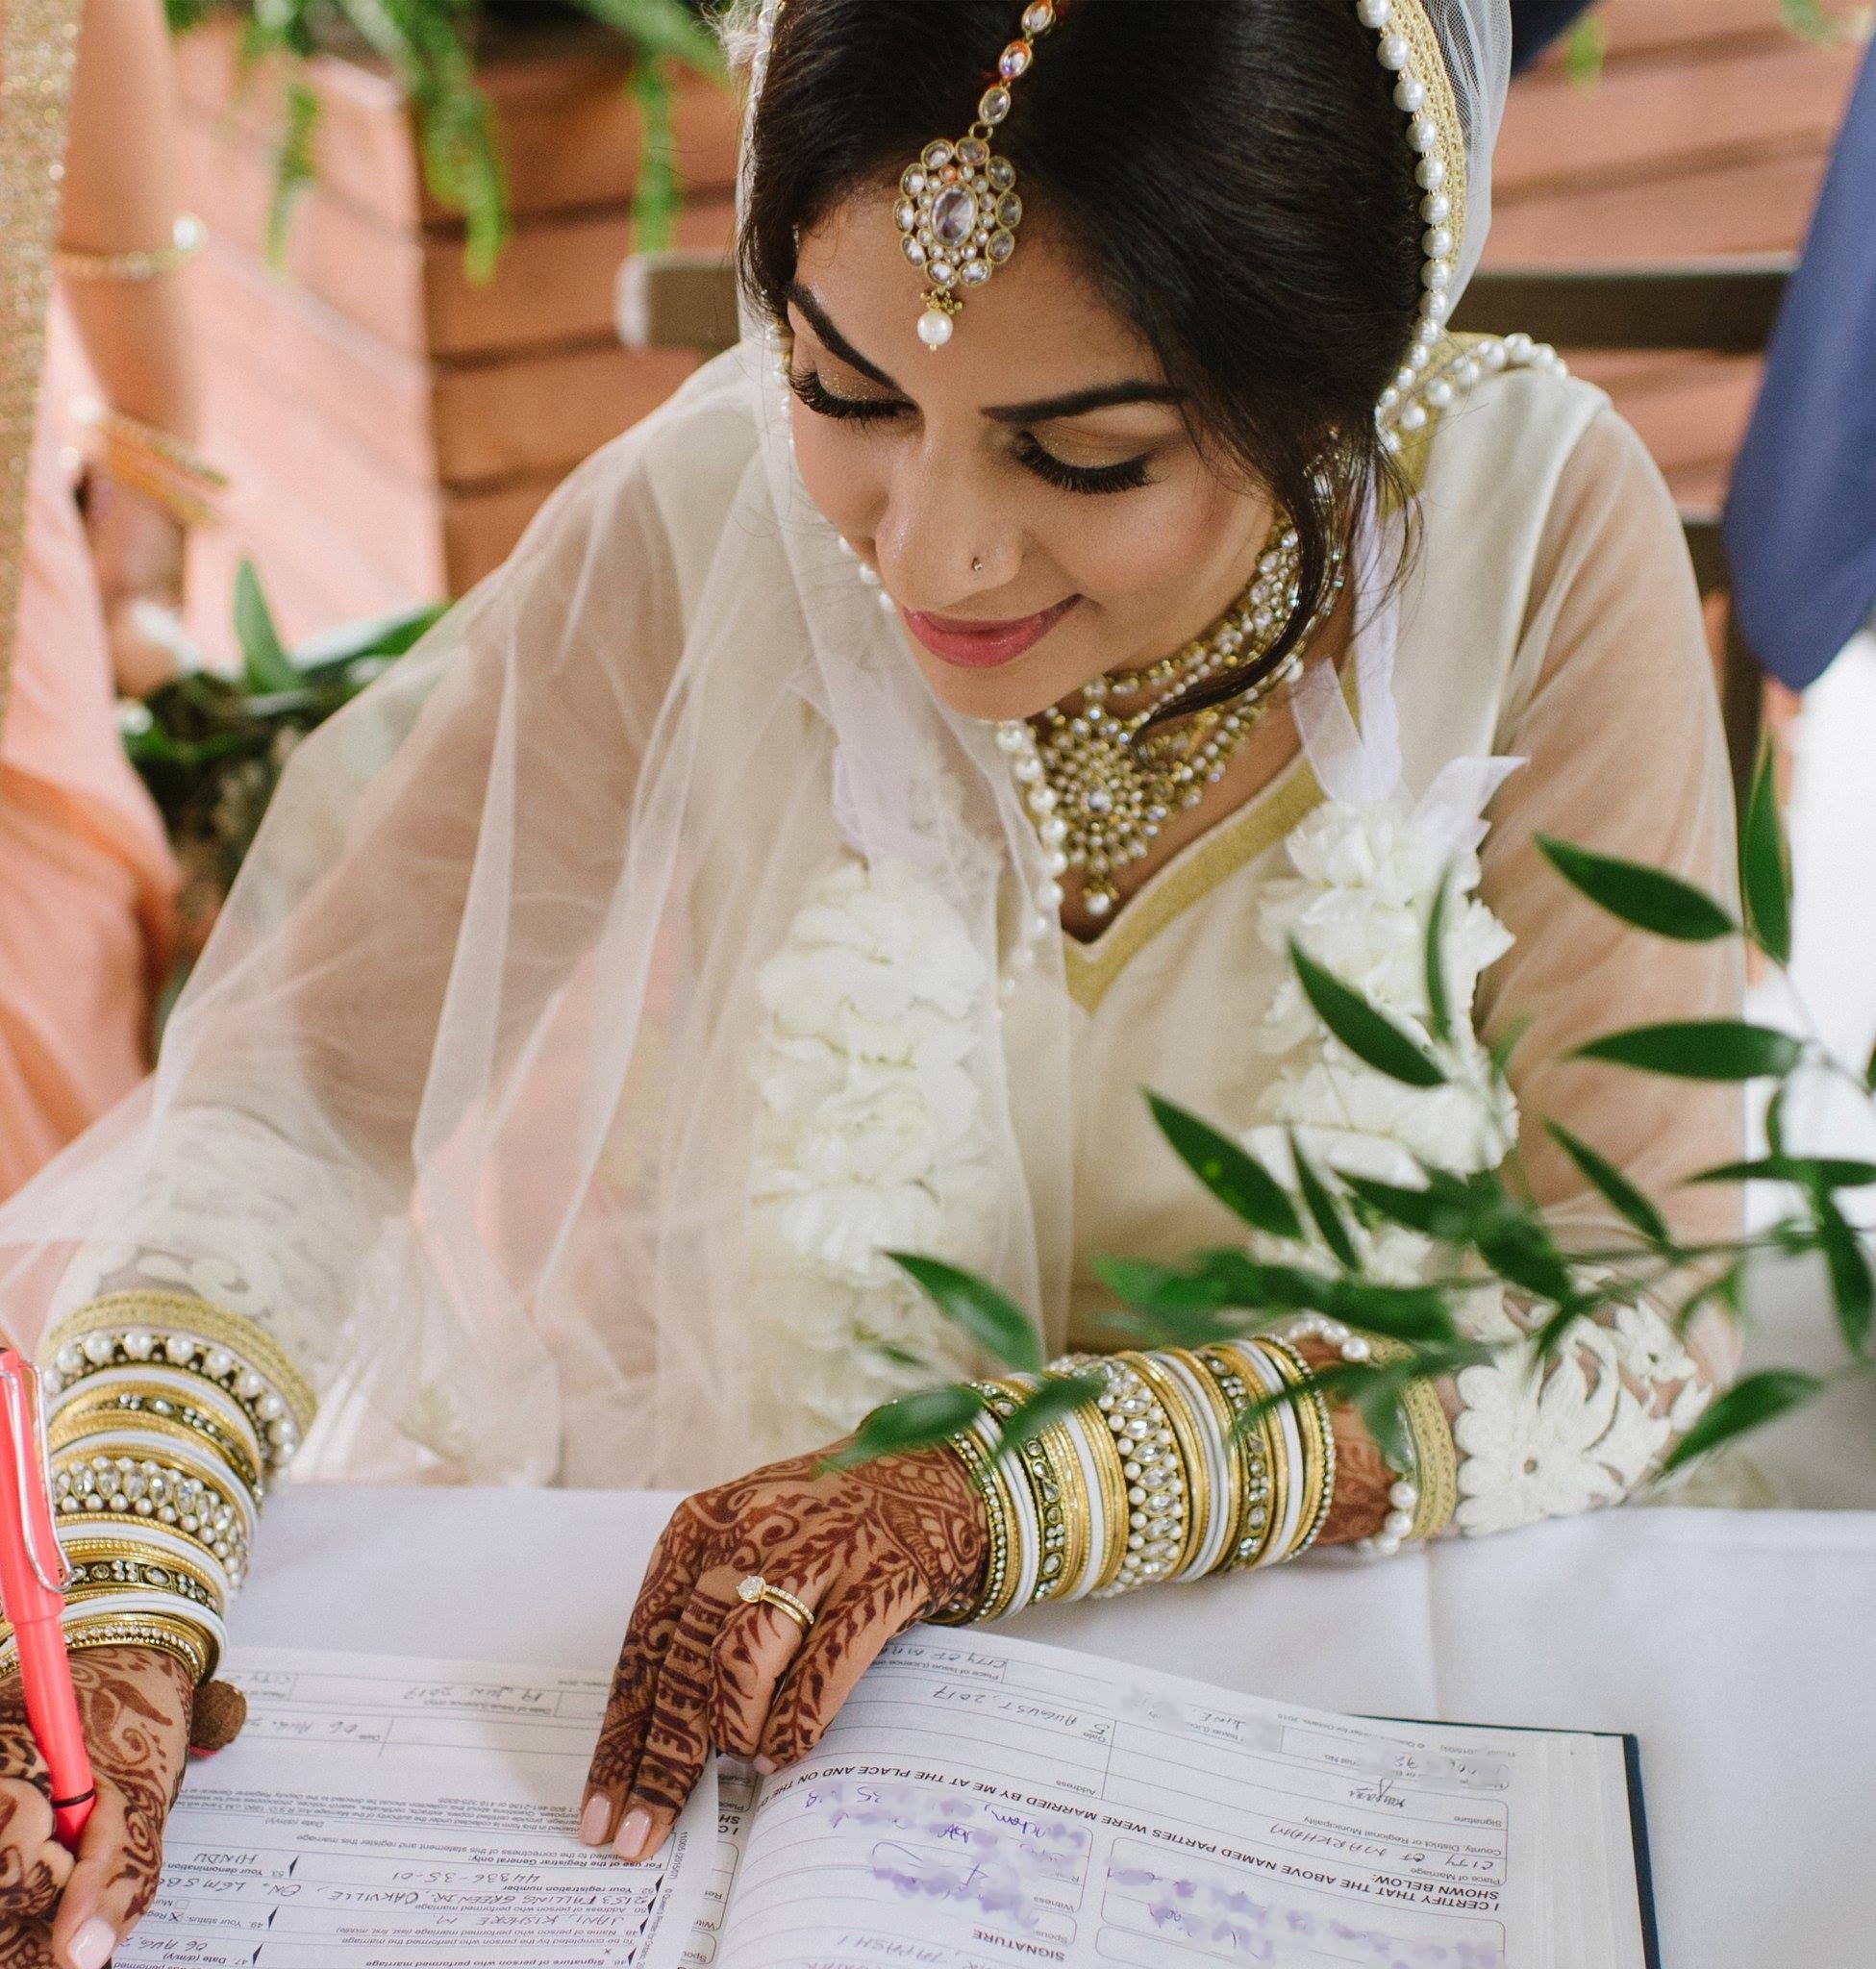 Brampton Indian dating